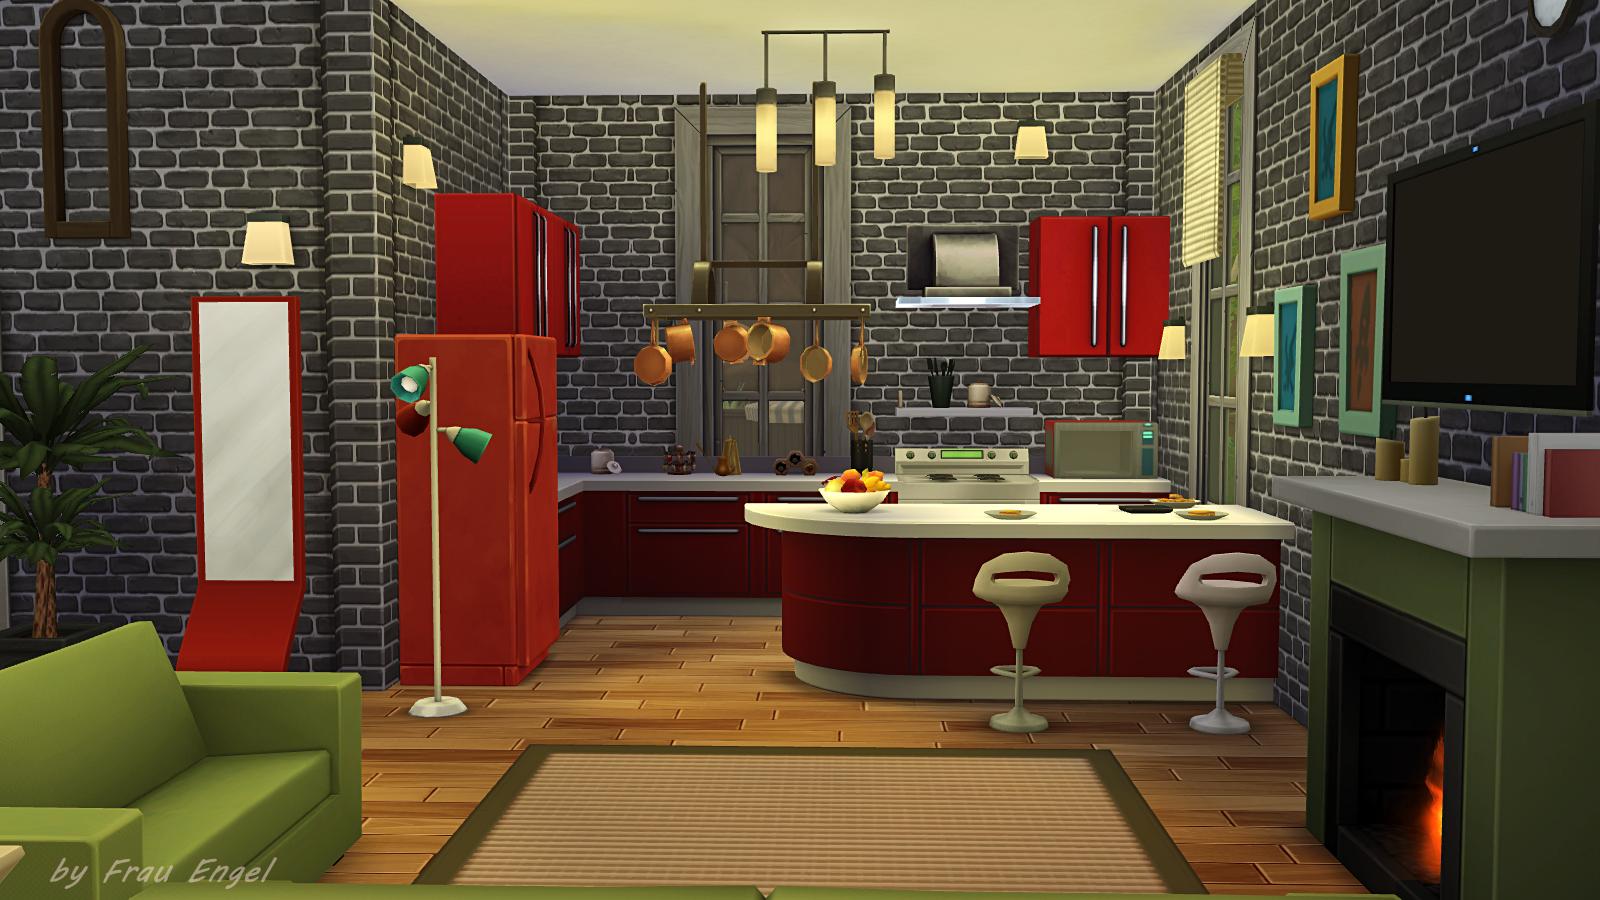 Increíble Sims 3 Crear Isla De Cocina Componente - Como Decorar la ...